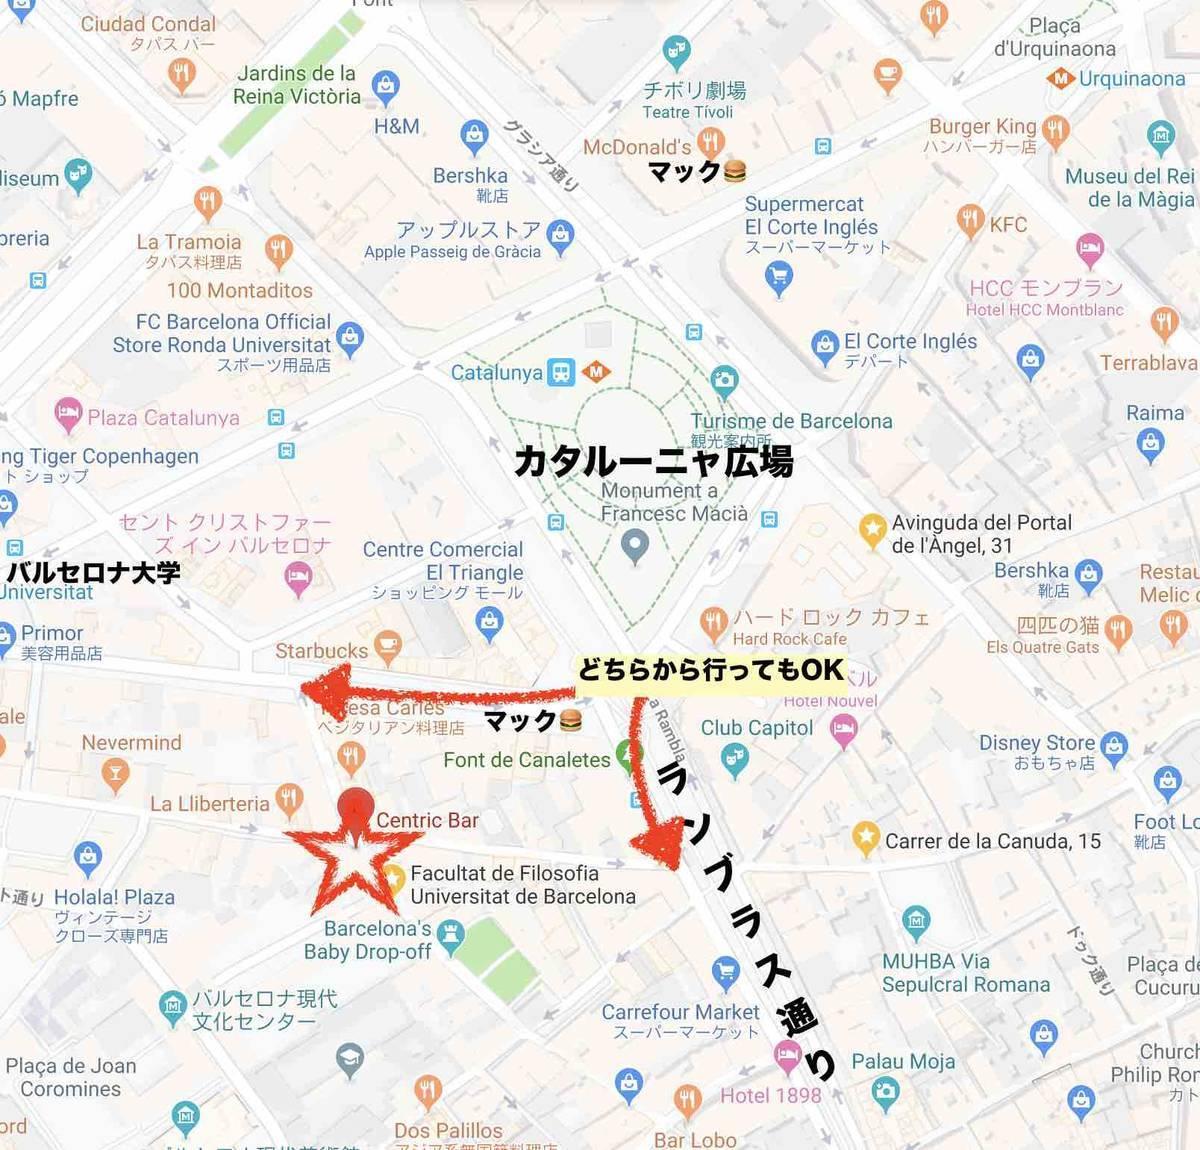 f:id:kaedetaniyoshi:20190913151517j:plain